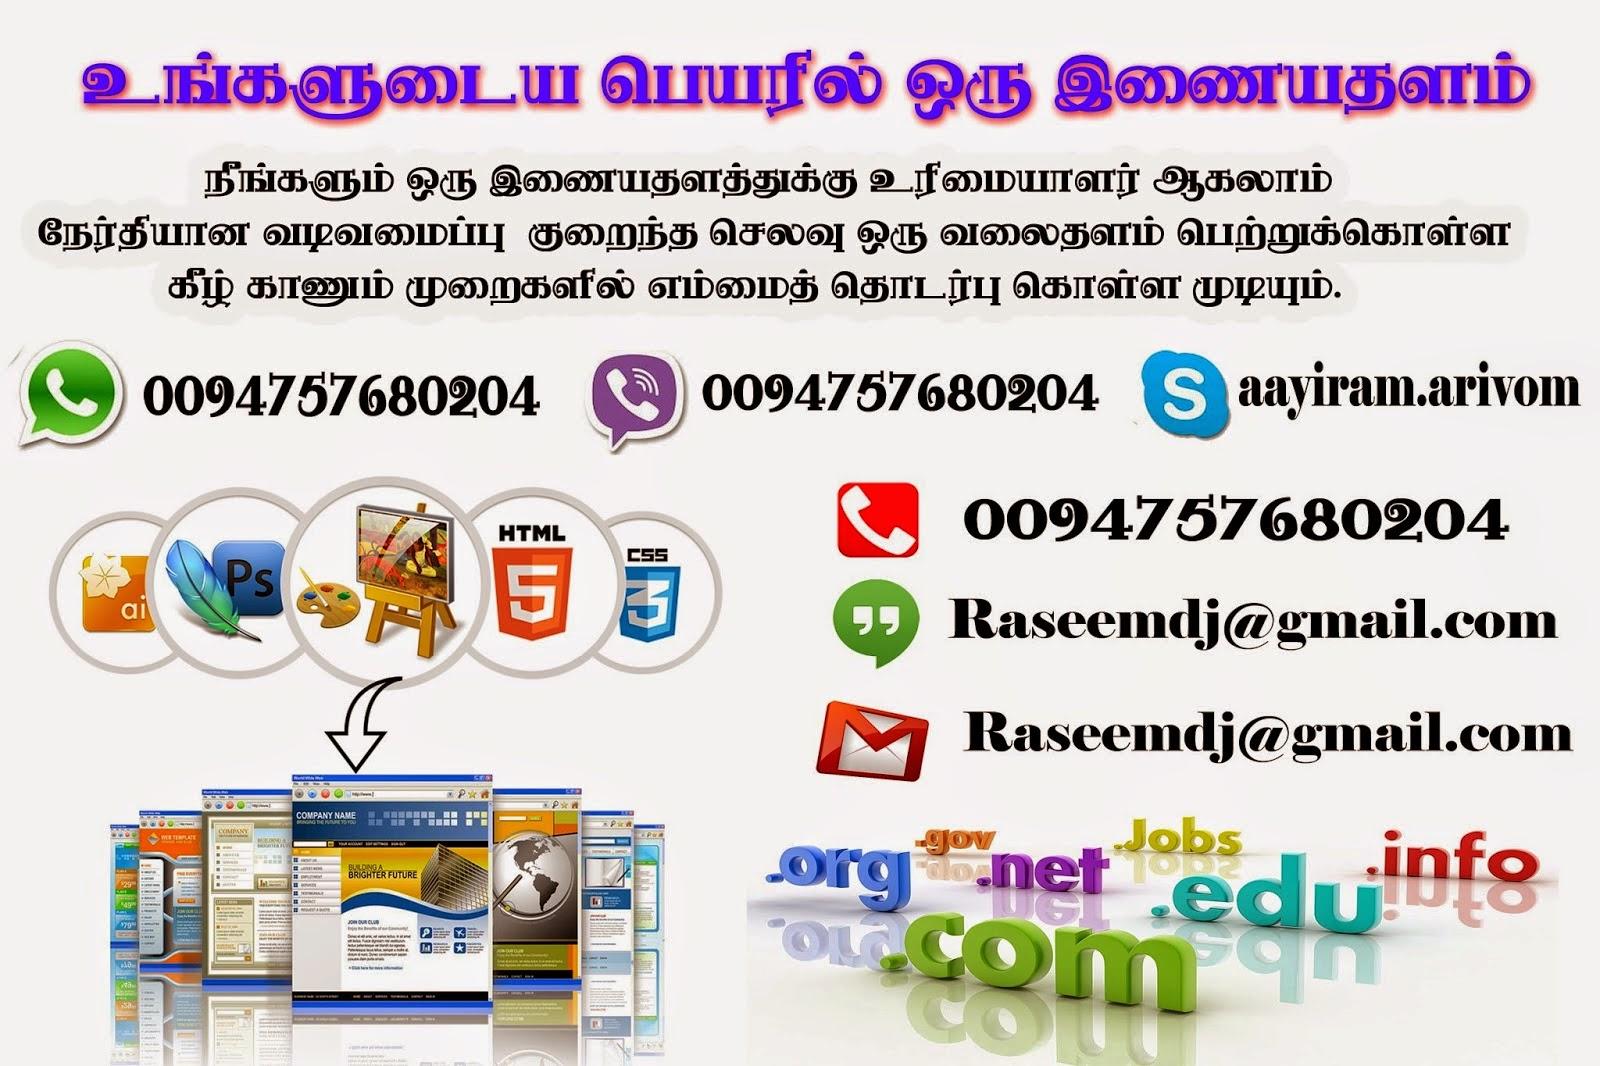 WEB DESIGN - 0094757680204